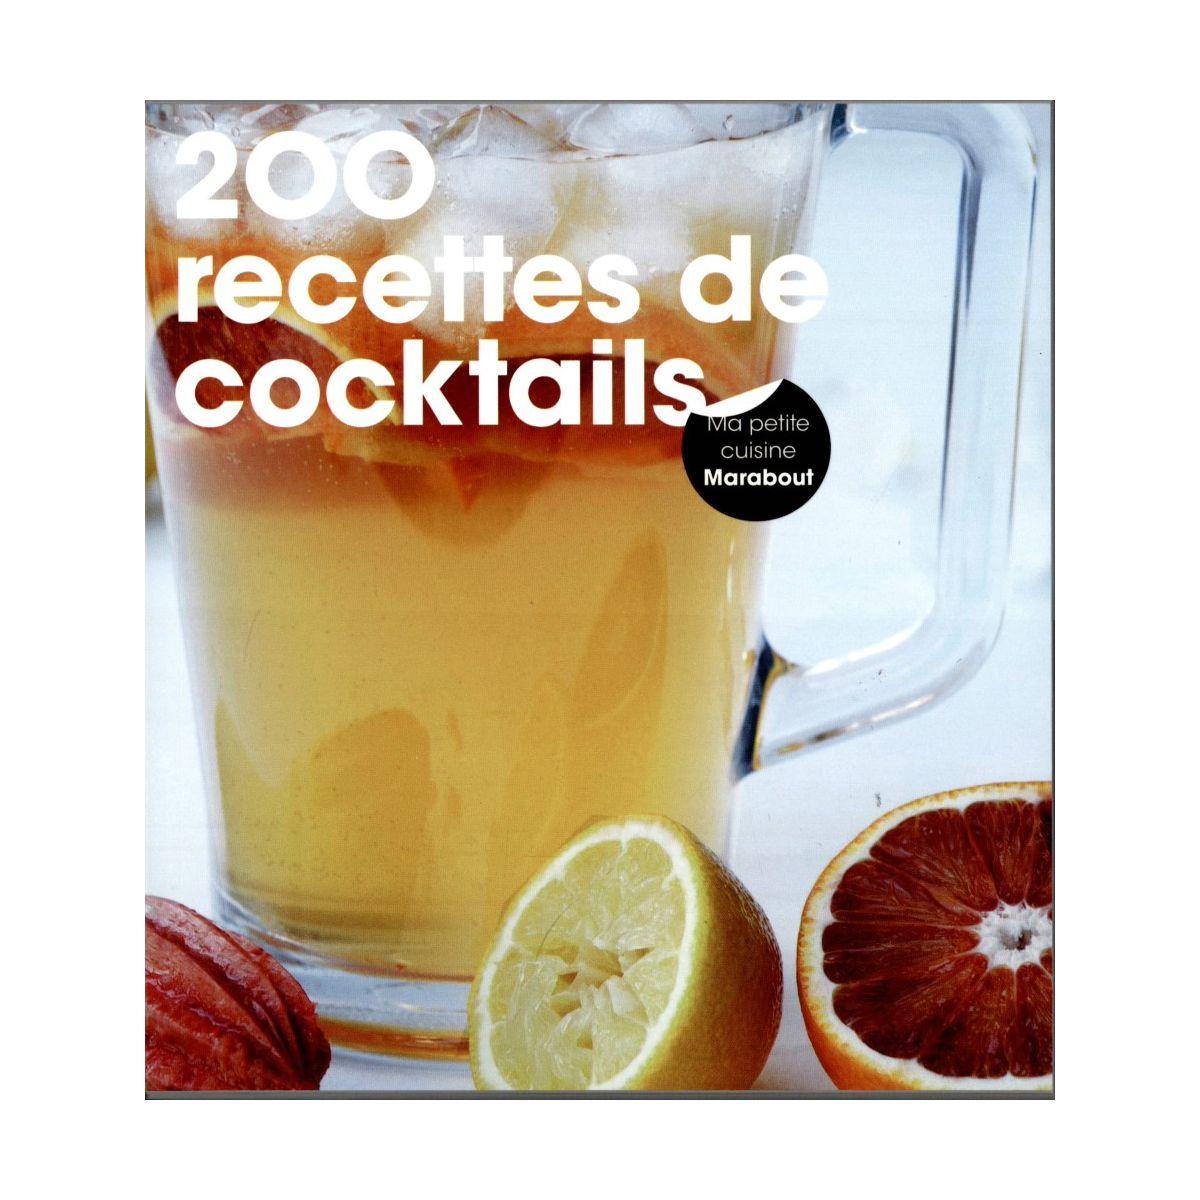 Livre m 200 recettes de cocktails - la sélection webdistrib.com (photo)